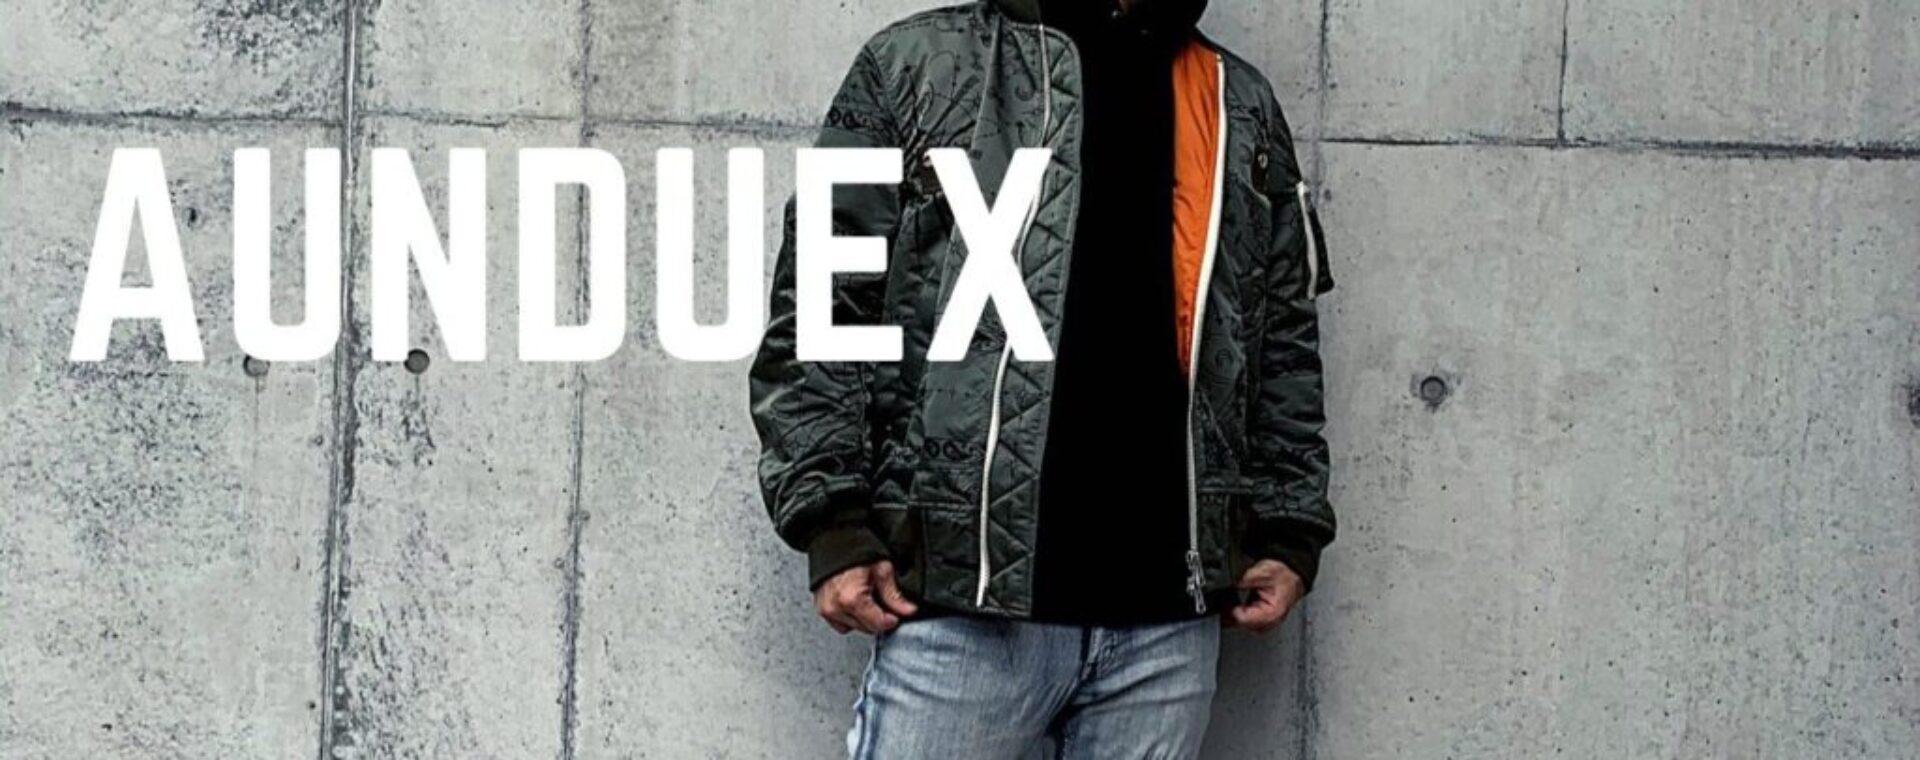 Aunduex